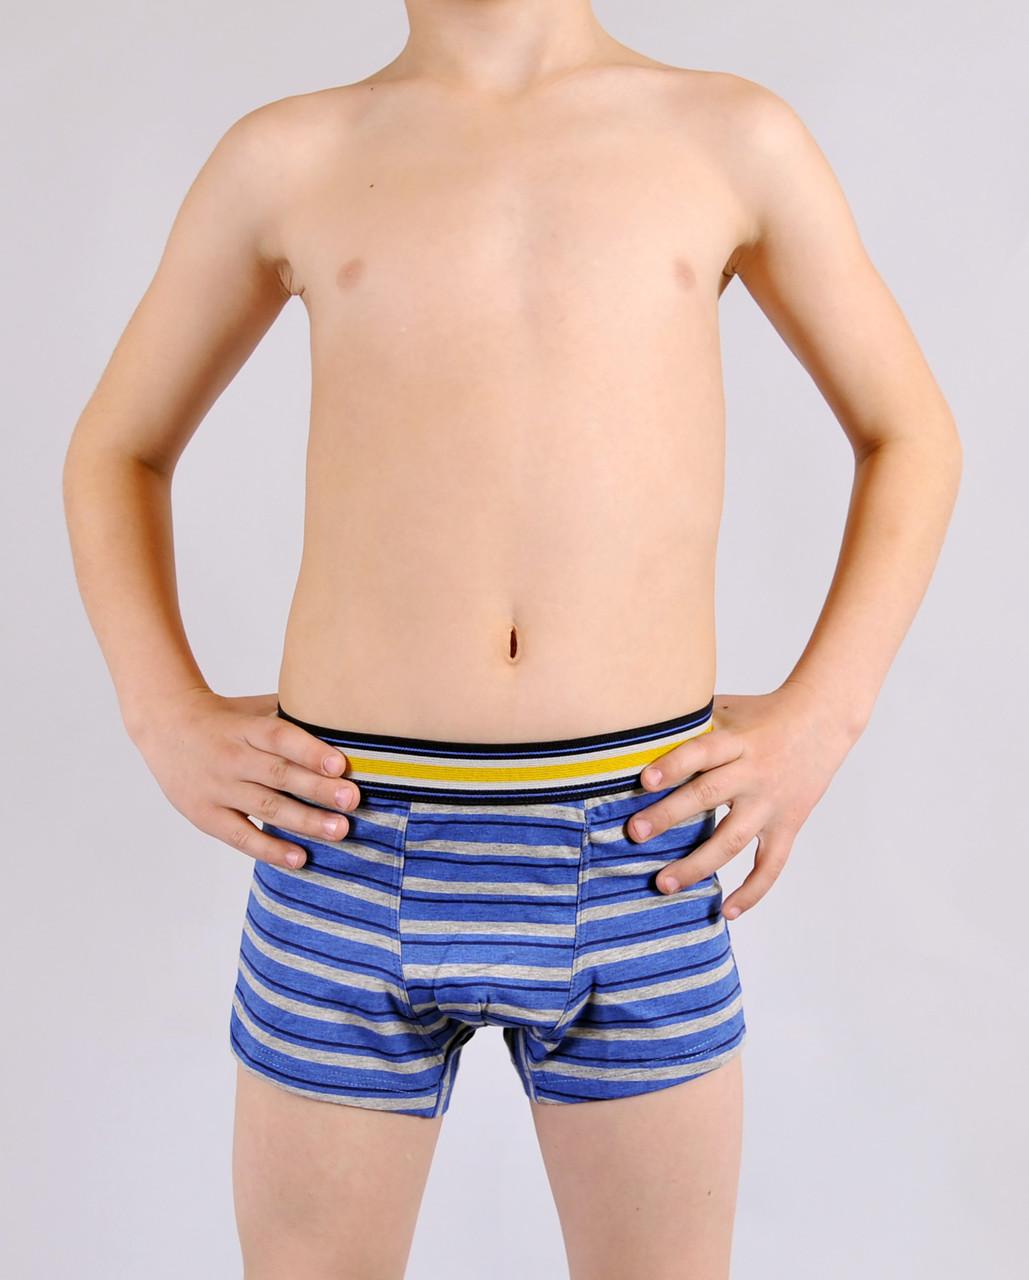 Трусики  - боксери Altedo  #2108 134 см синій